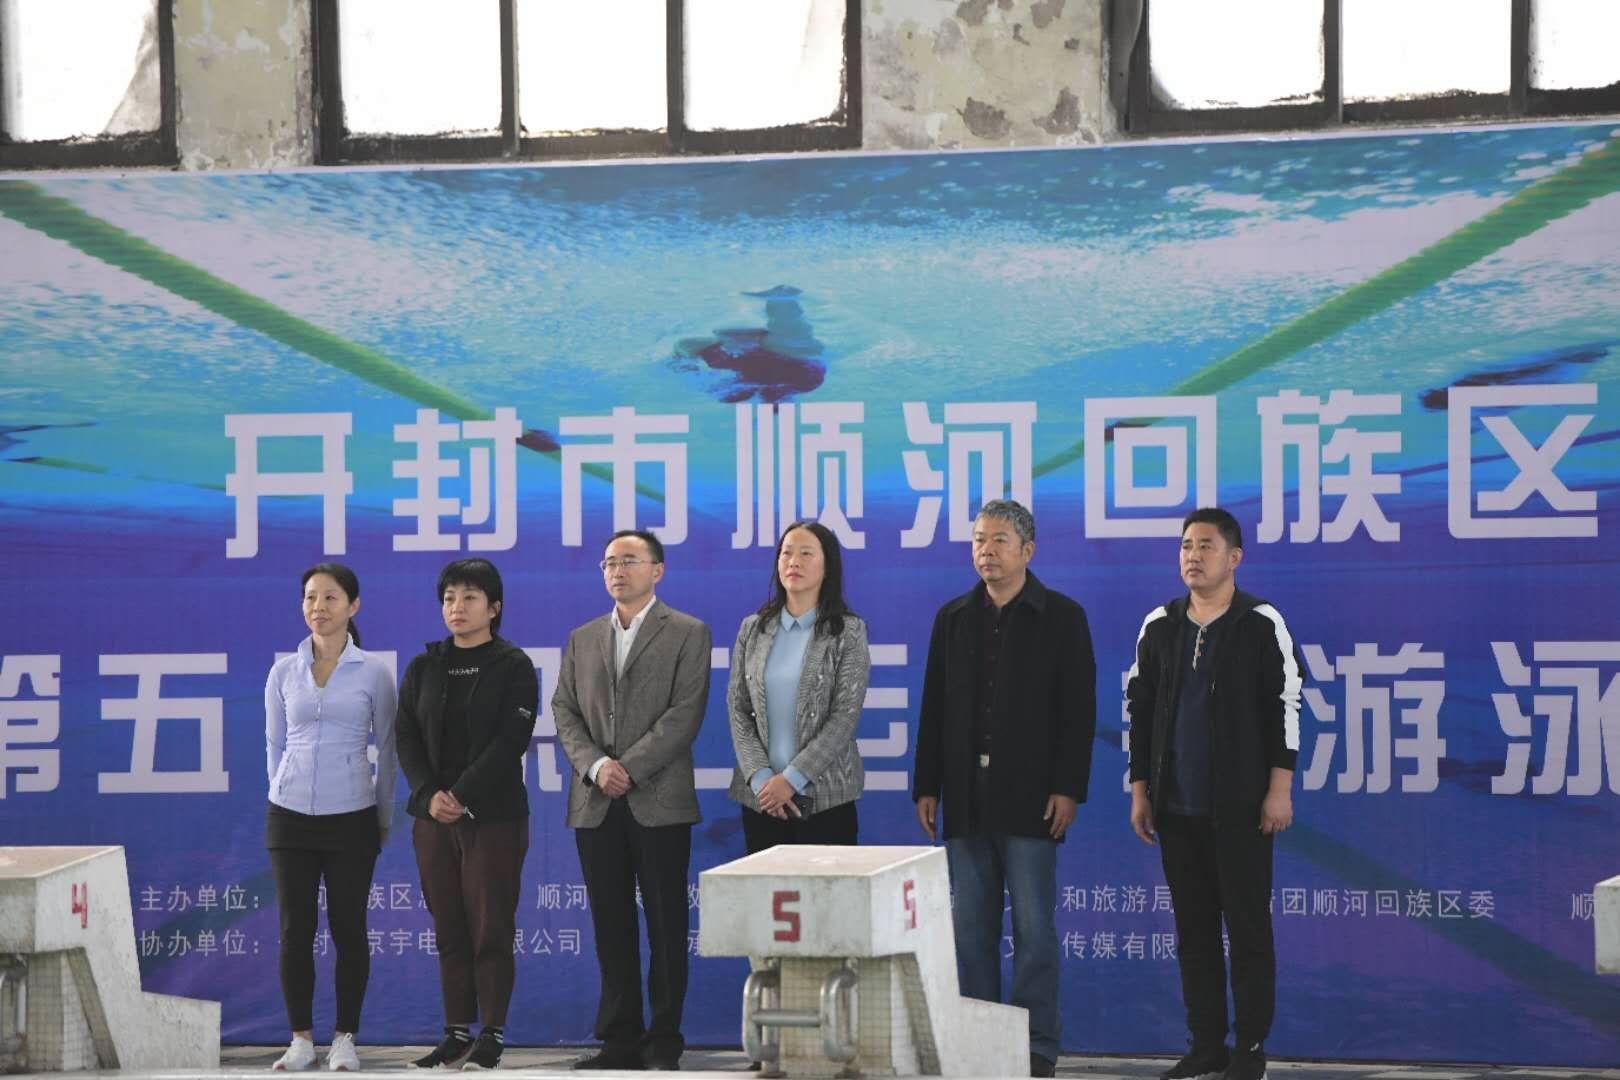 顺河回族区举办第五届职工运动会游泳比赛